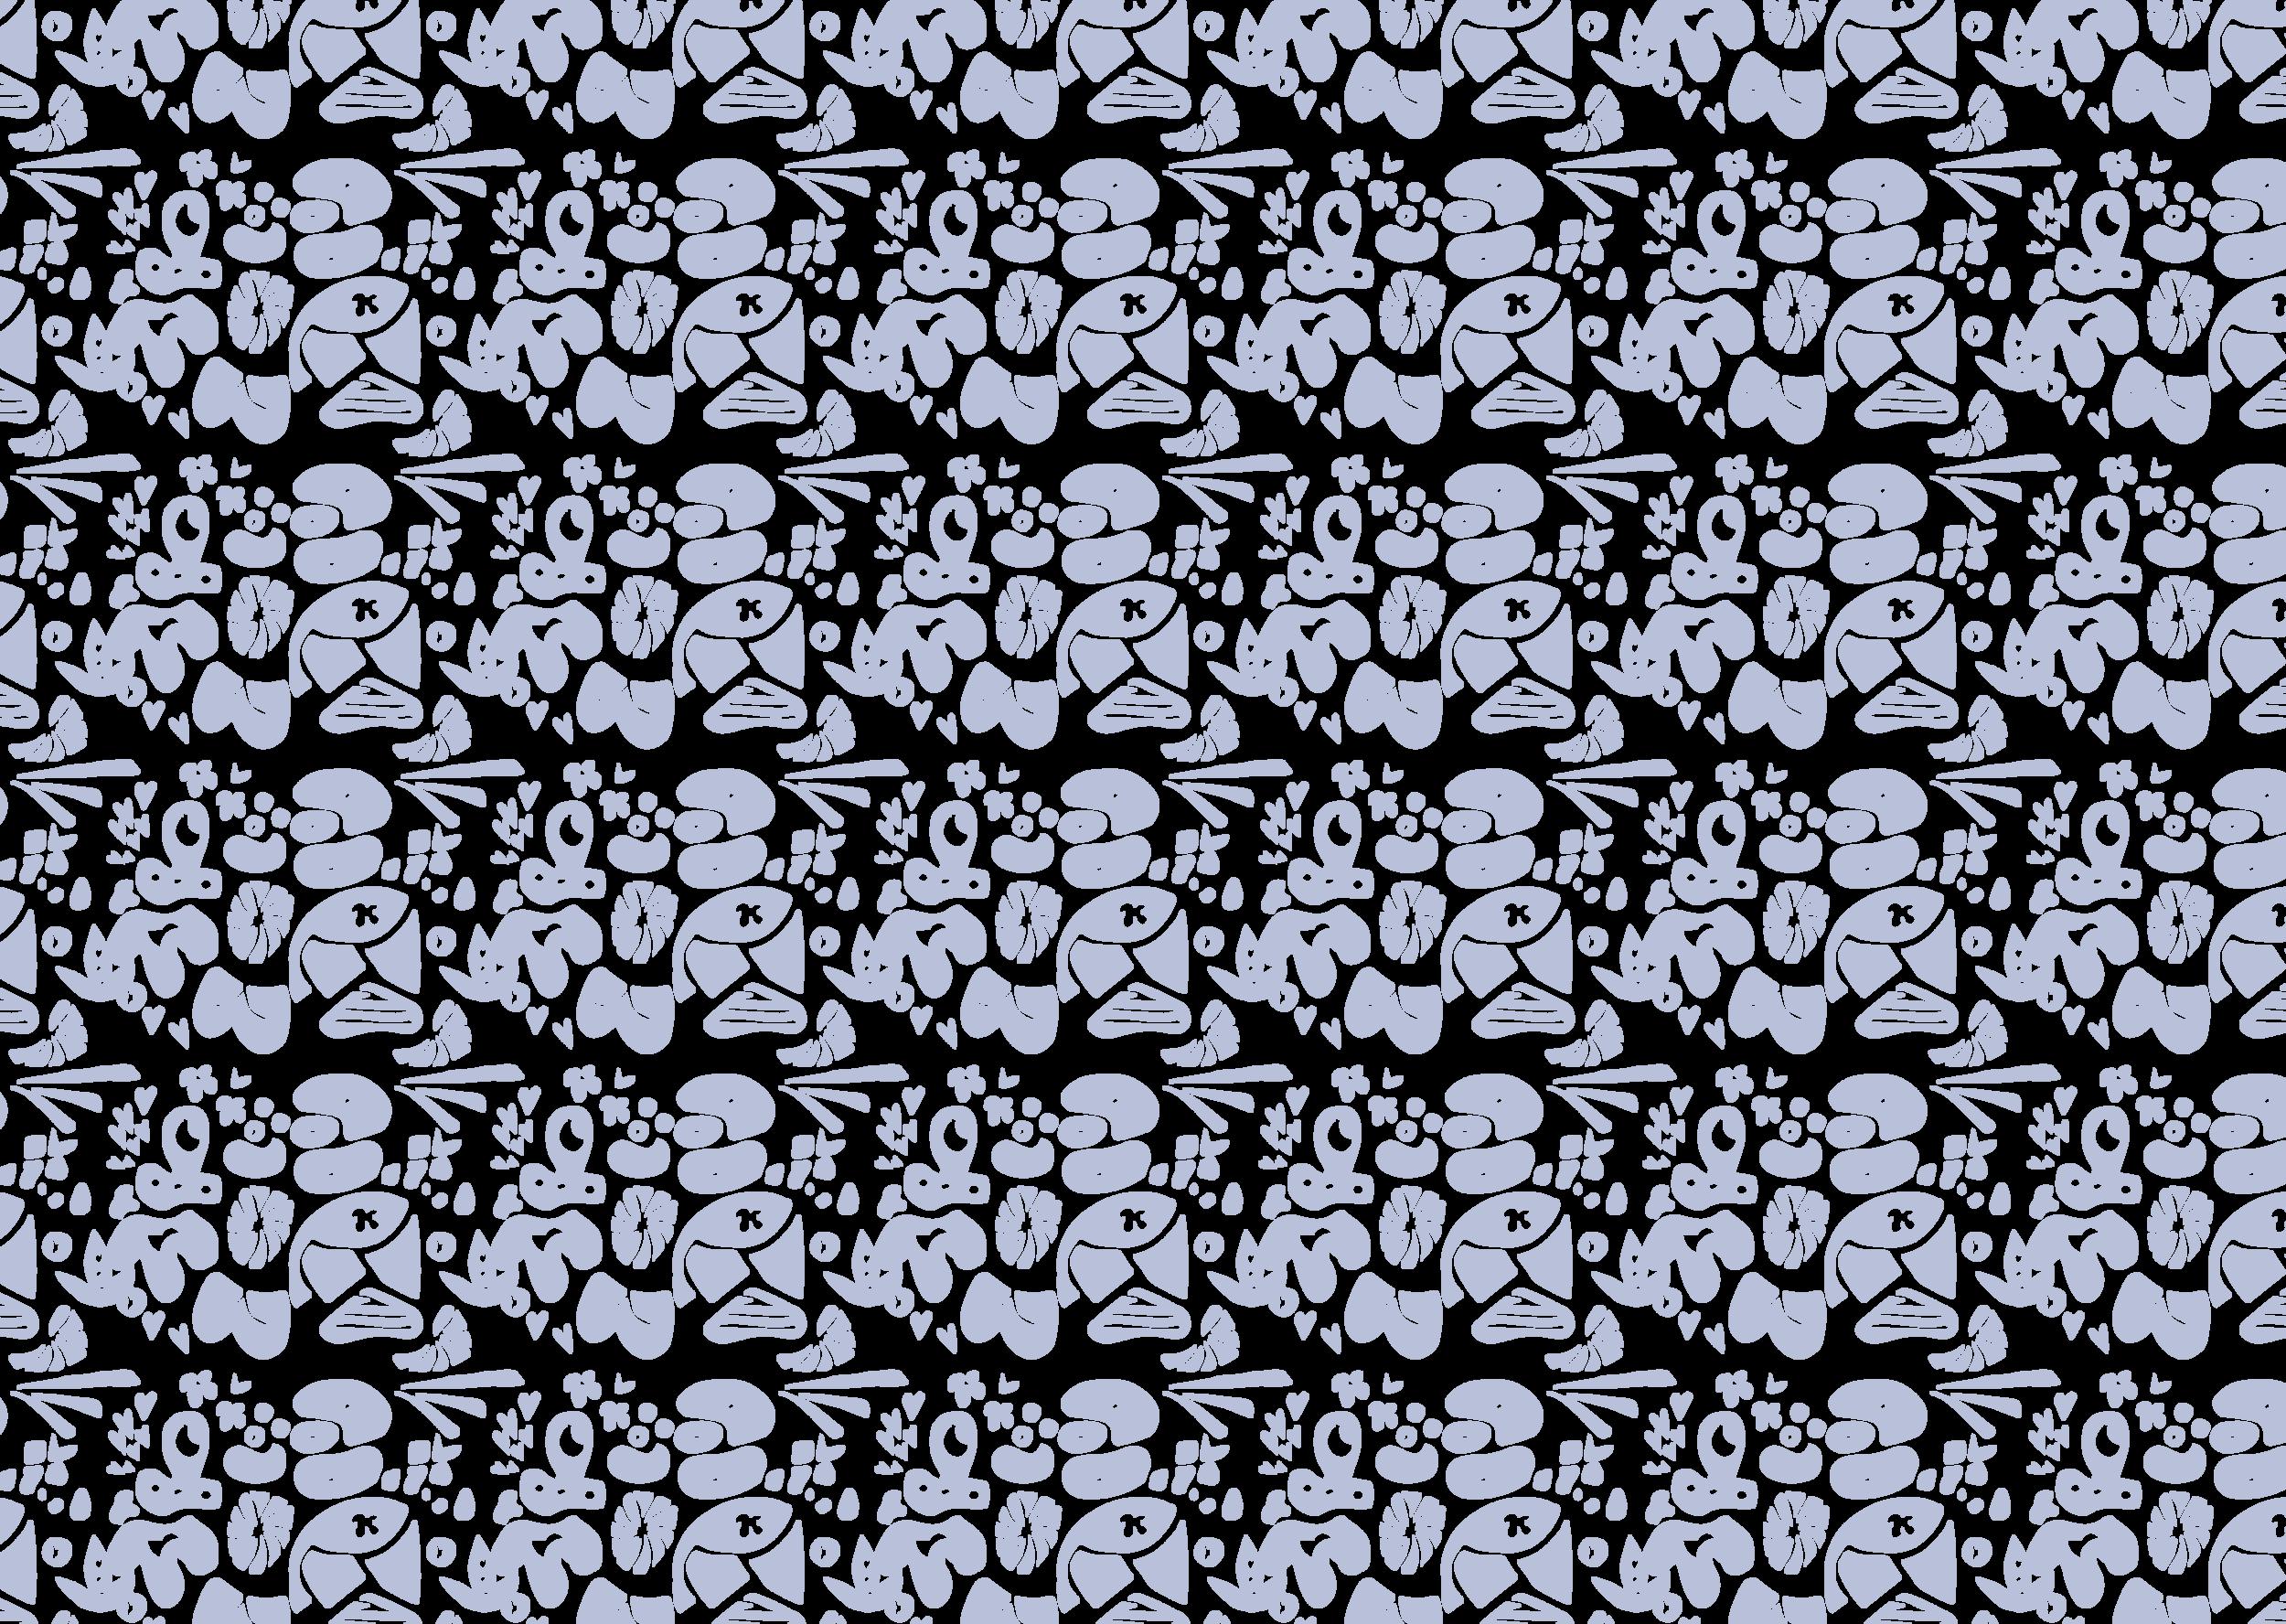 Pattern22-06.png